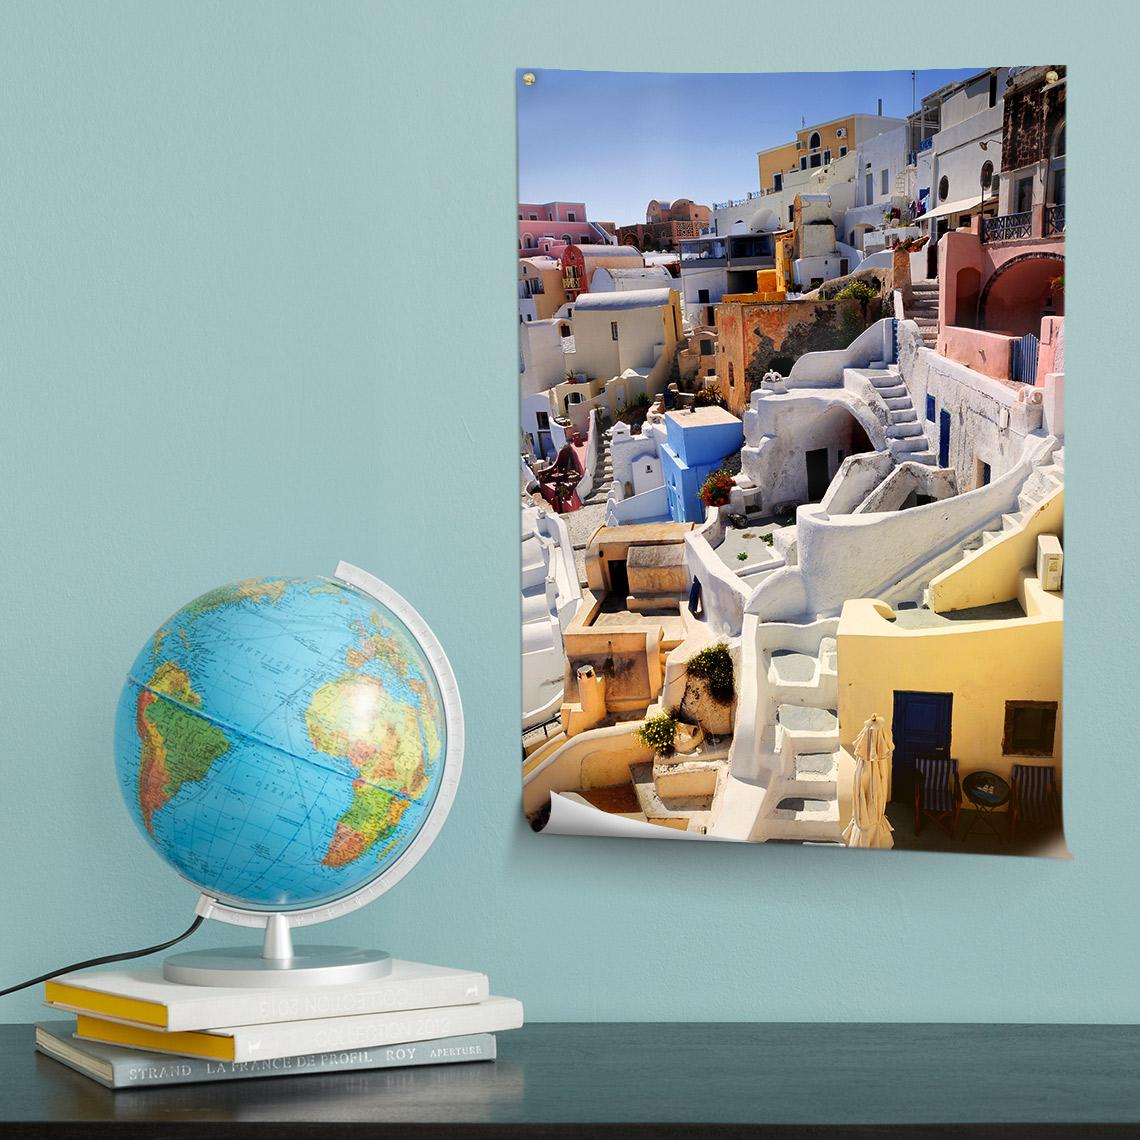 Gratis Poster 60x40 für nur 4,99€ inkl. Versand bei snapfish